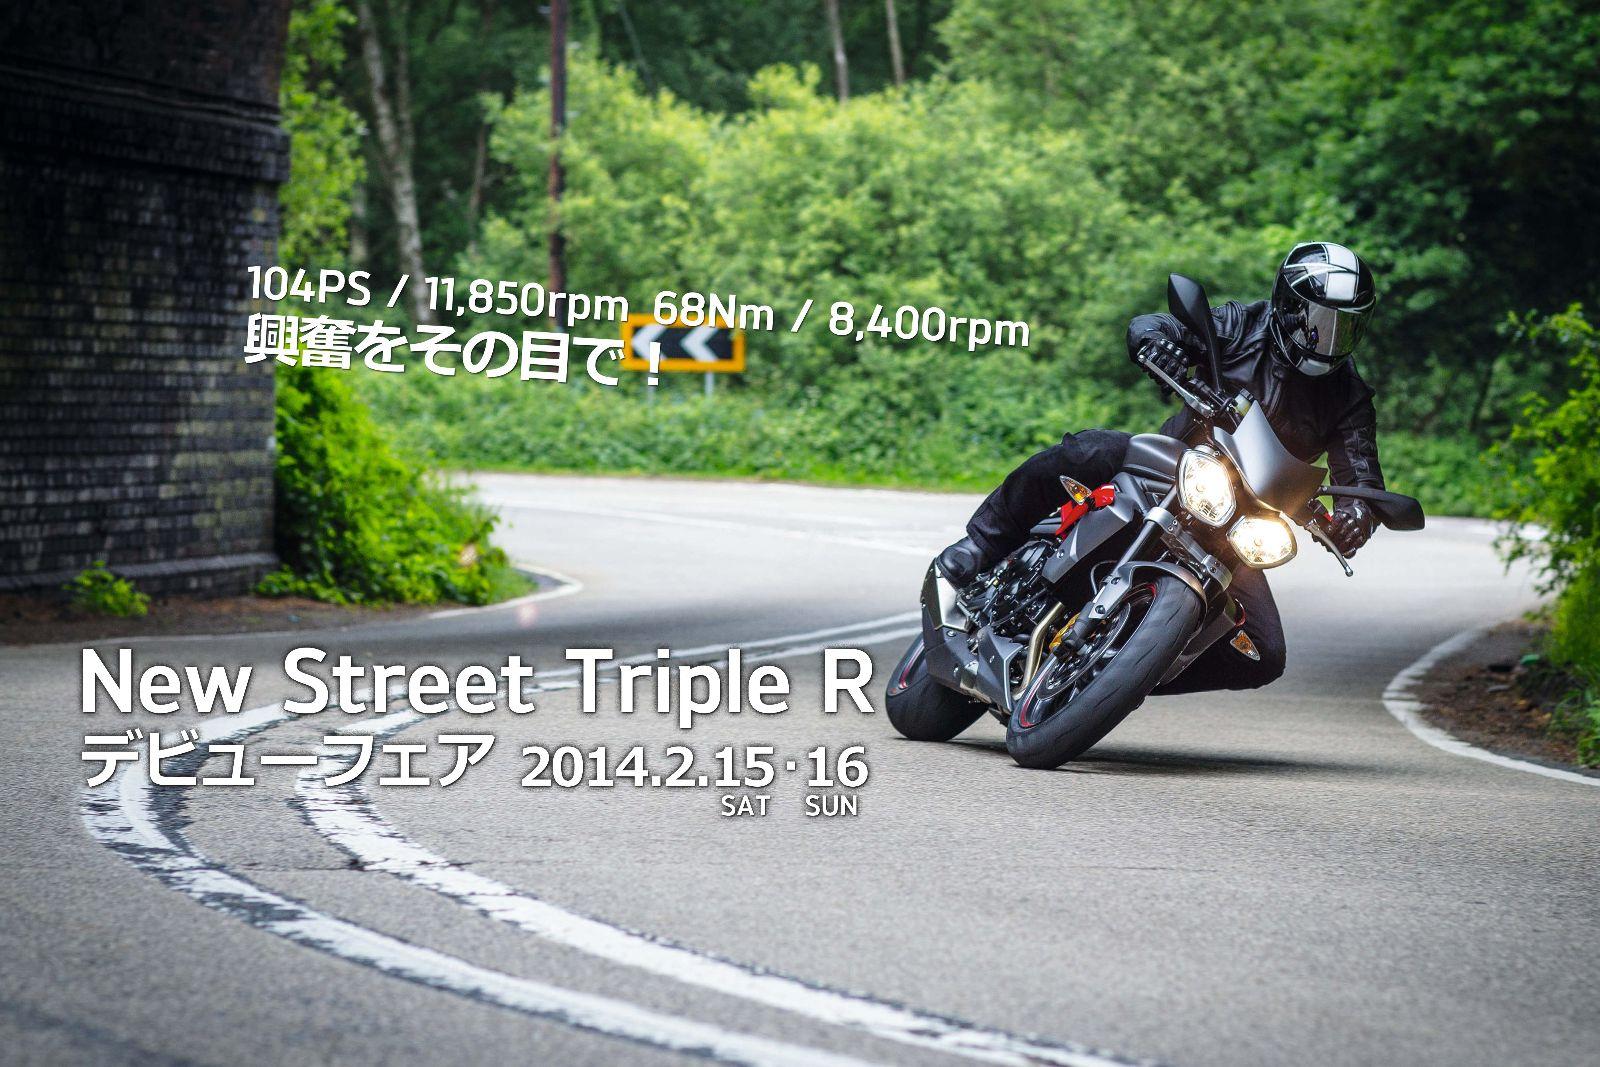 Street20triple20r20debut20top